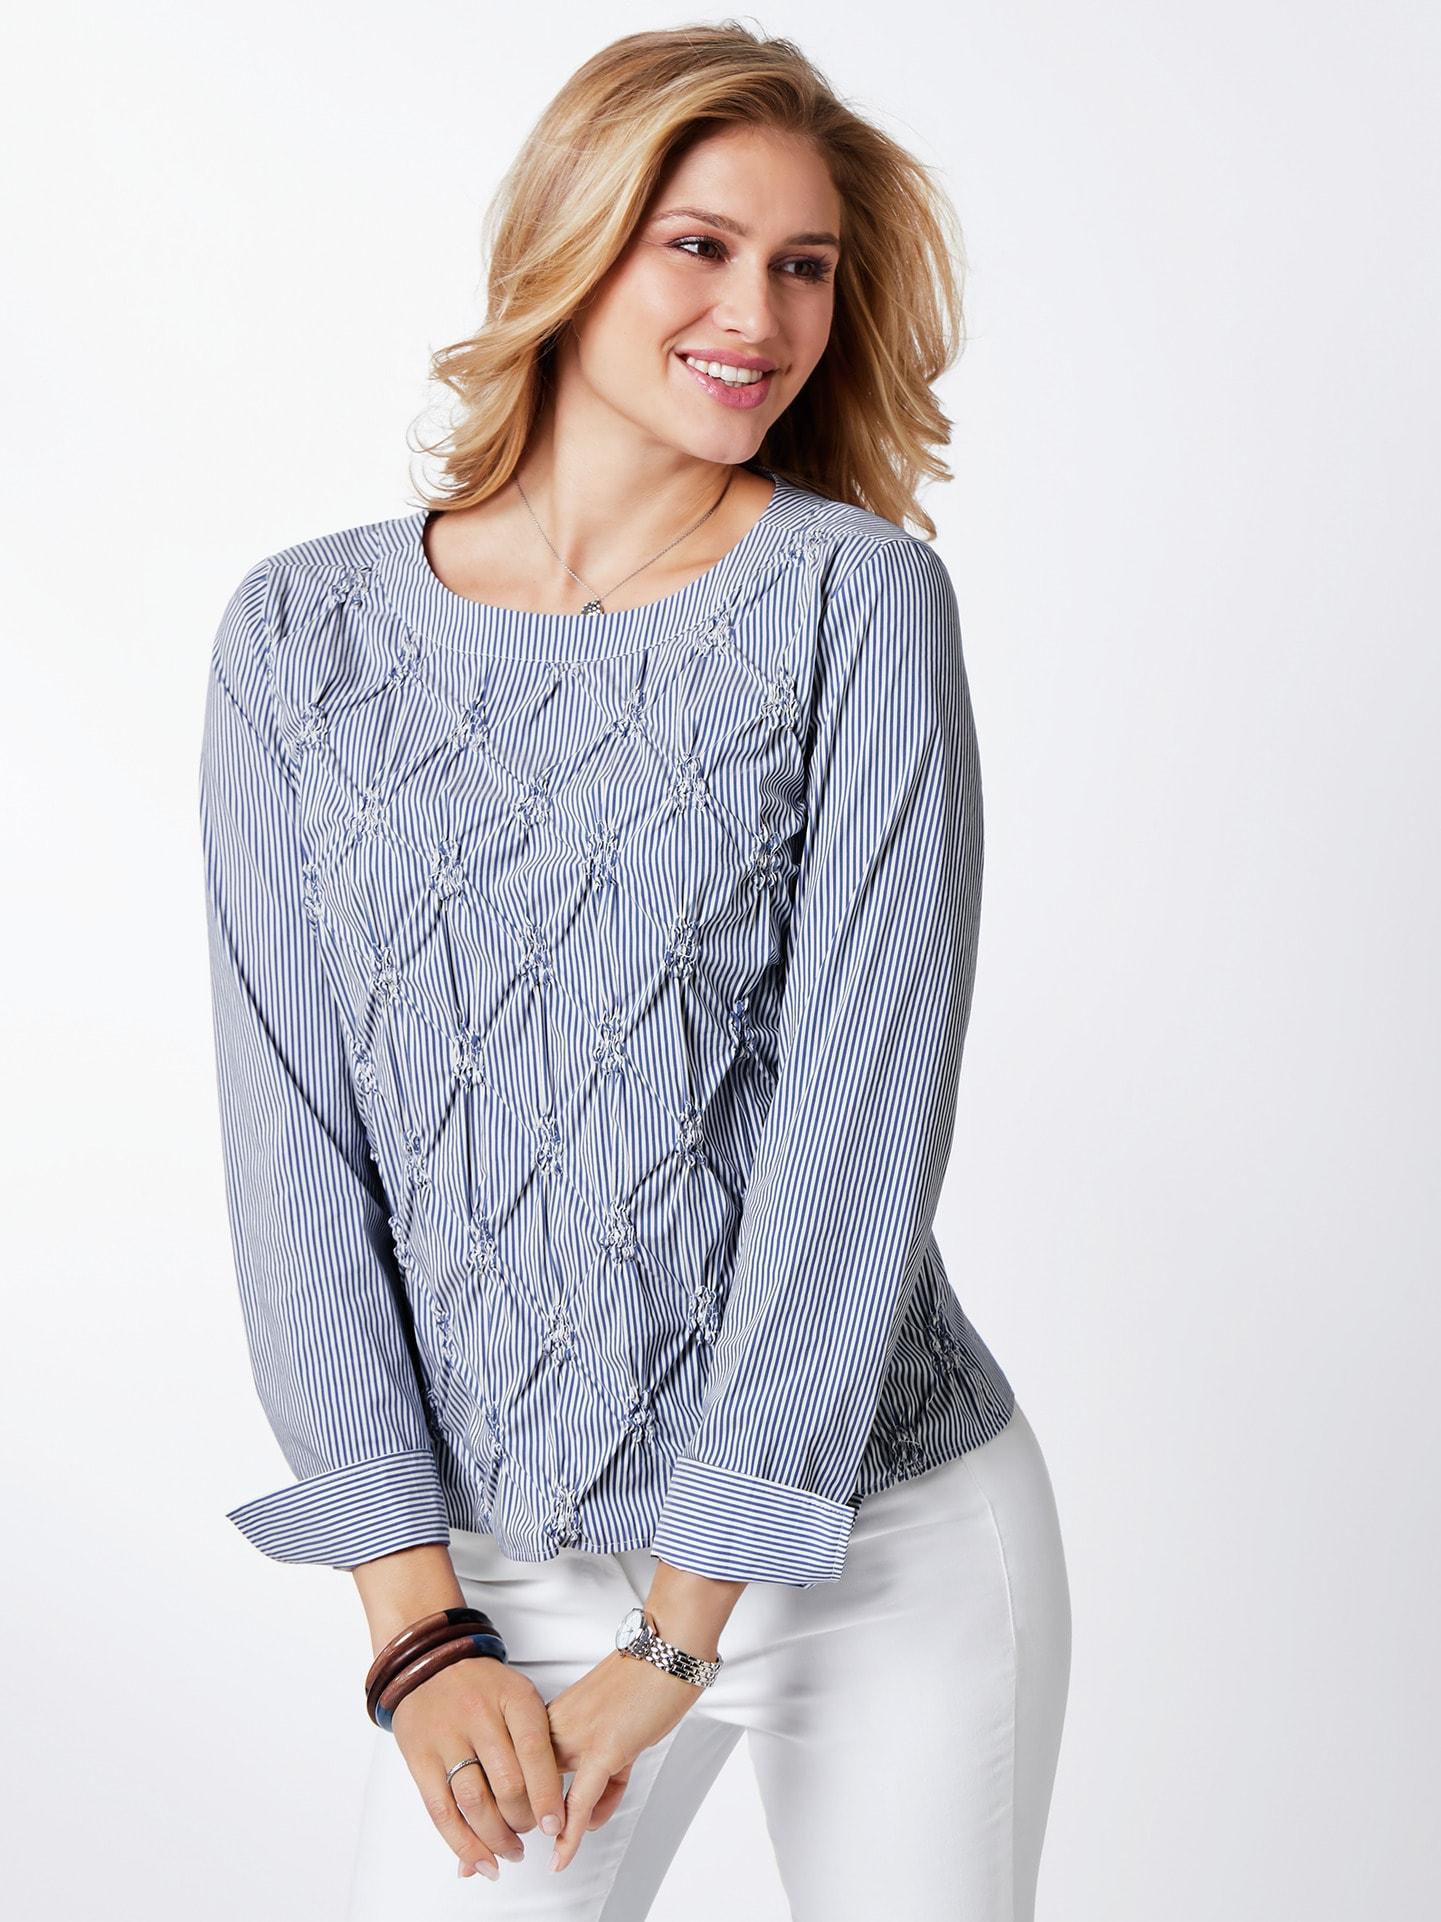 Walbusch Damen Blusenshirt normale Größen Blau gestreift 36, 38, 40, 42, 44, 46, 48, 50, 52 55-2821-9_MV36608